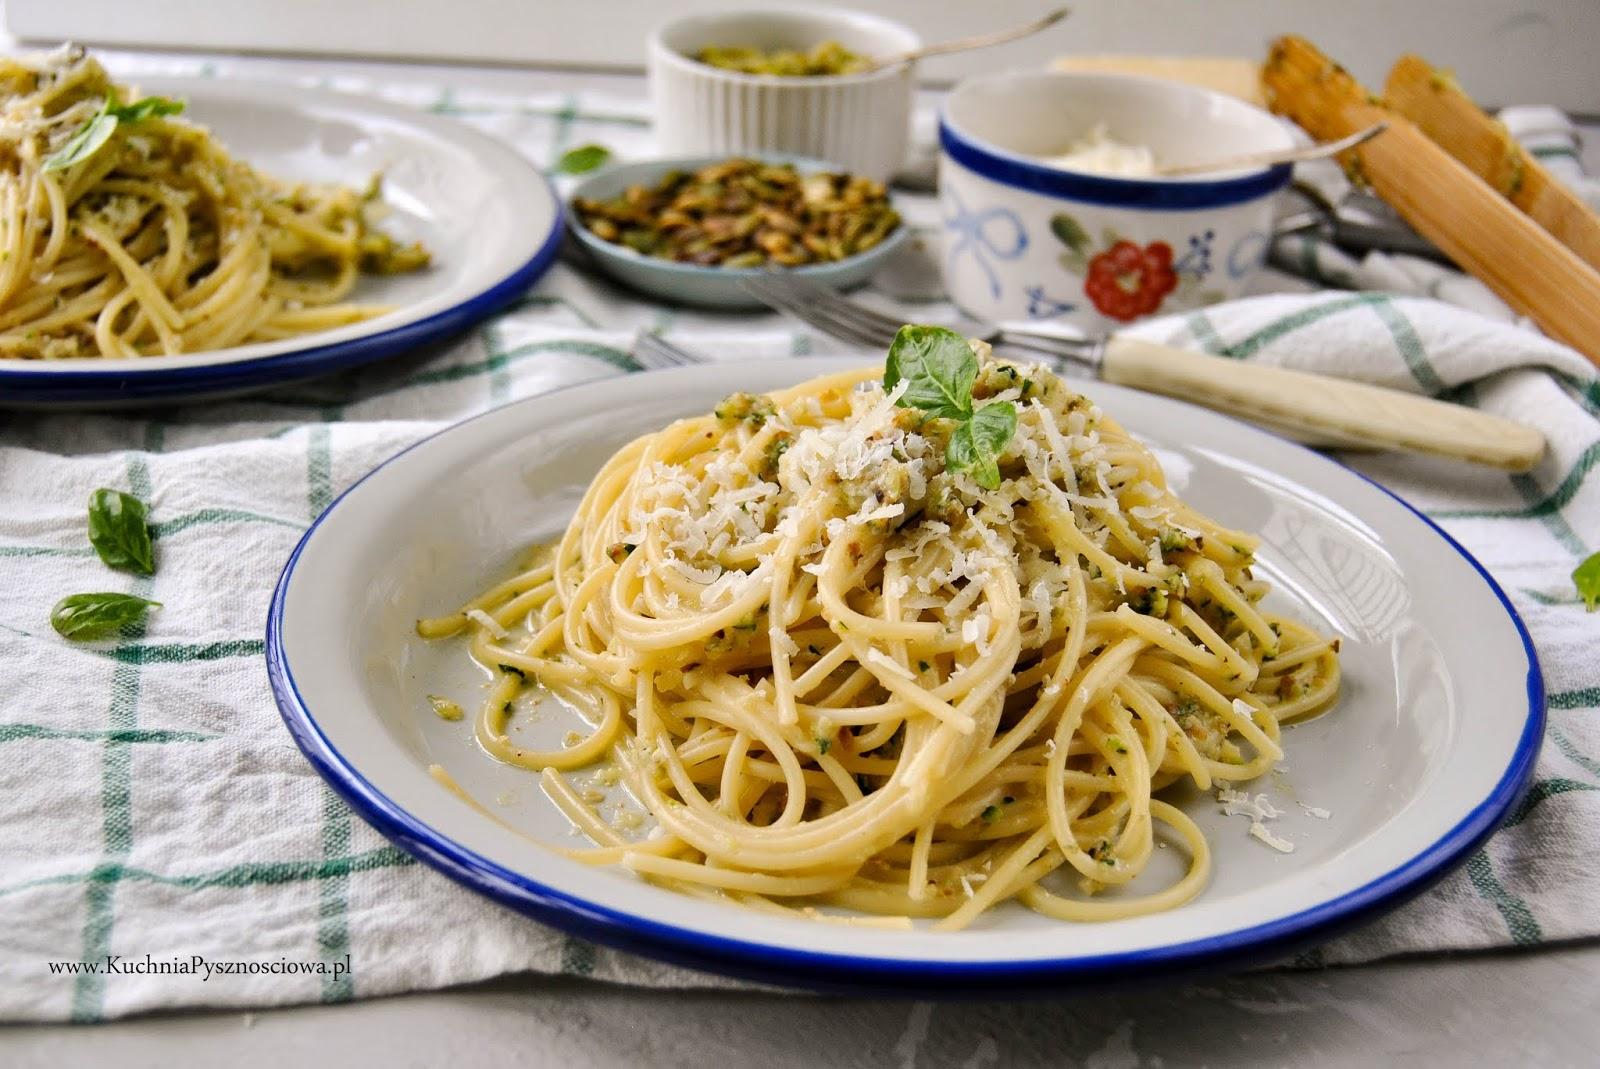 735. Spaghetti z pesto z cukinii